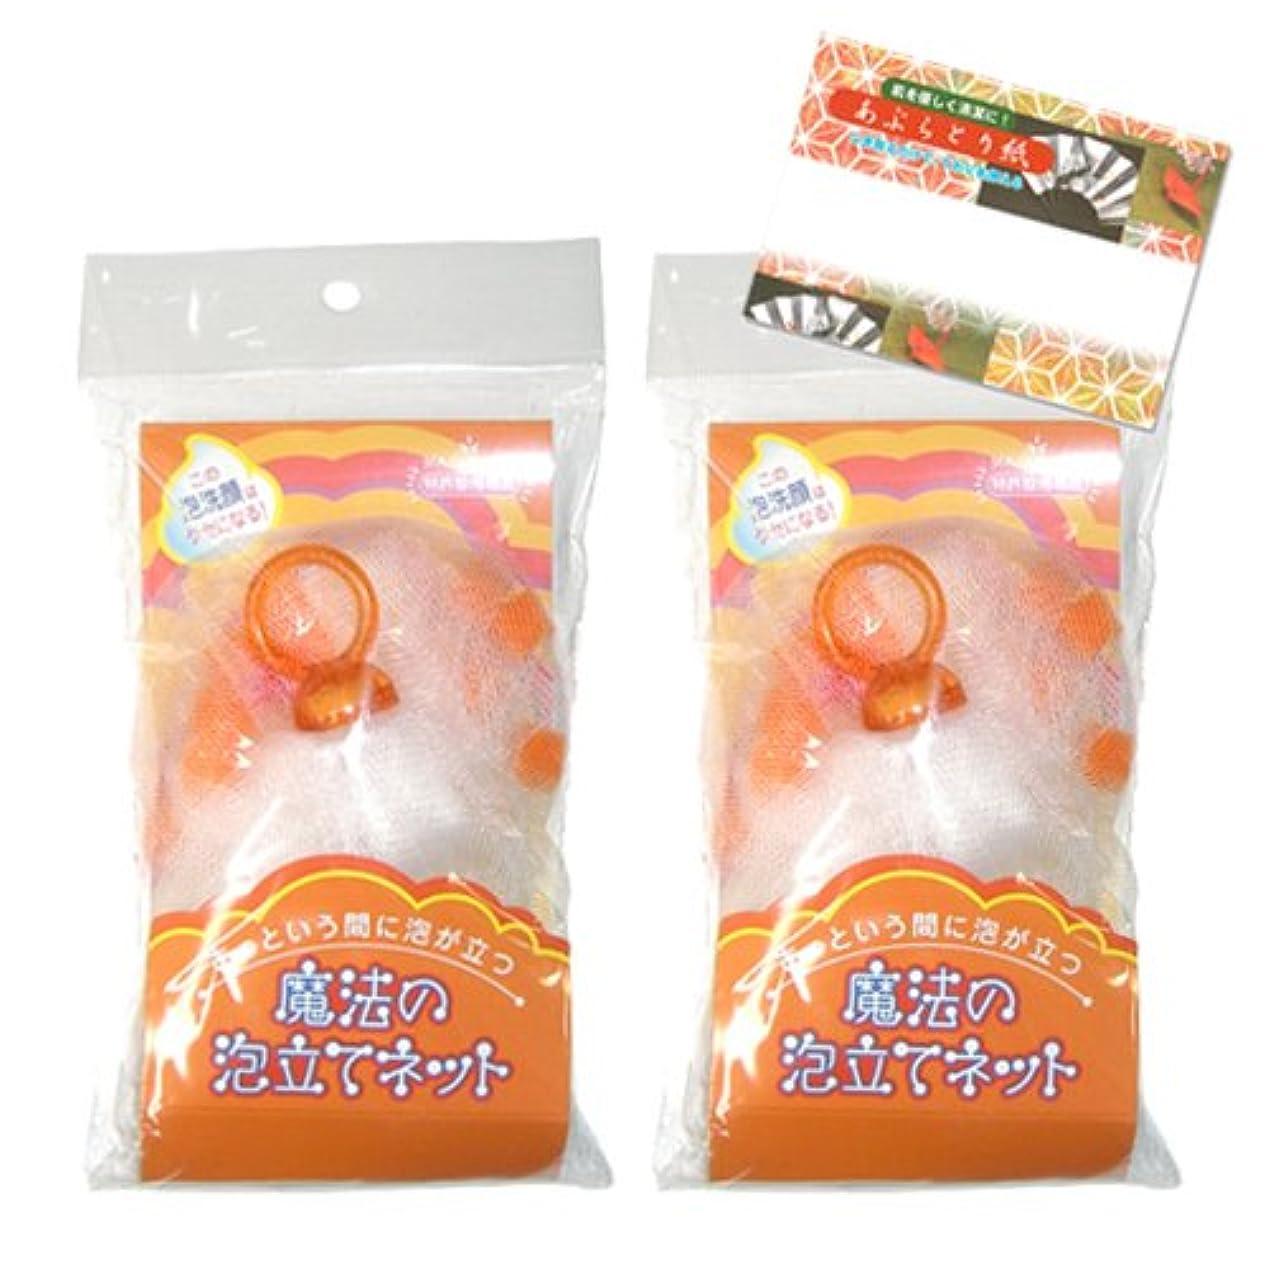 大理石パンダターゲットモンクレール 魔法の泡立てネット ソフトタイプ (オレンジ) x 2個セット + あぶらとり紙 10枚入